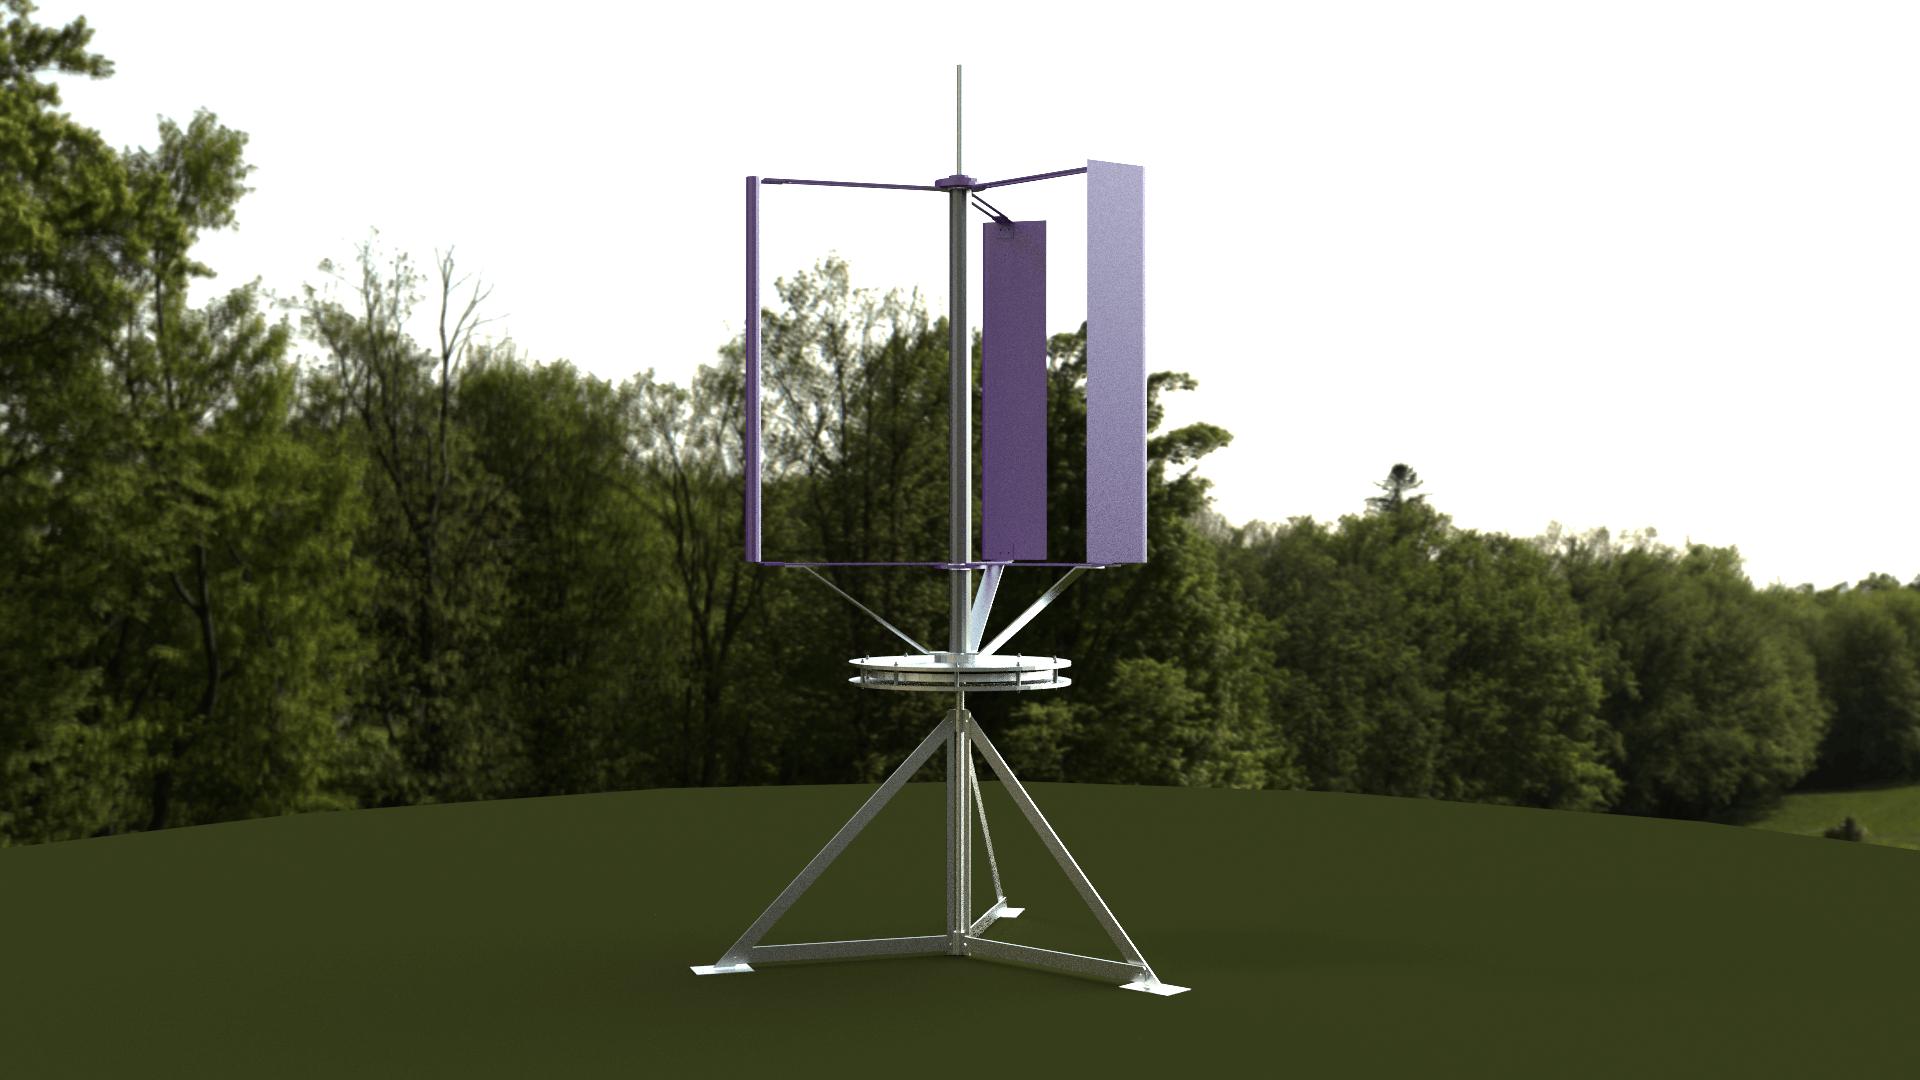 Modell einer mobilen Windturbine